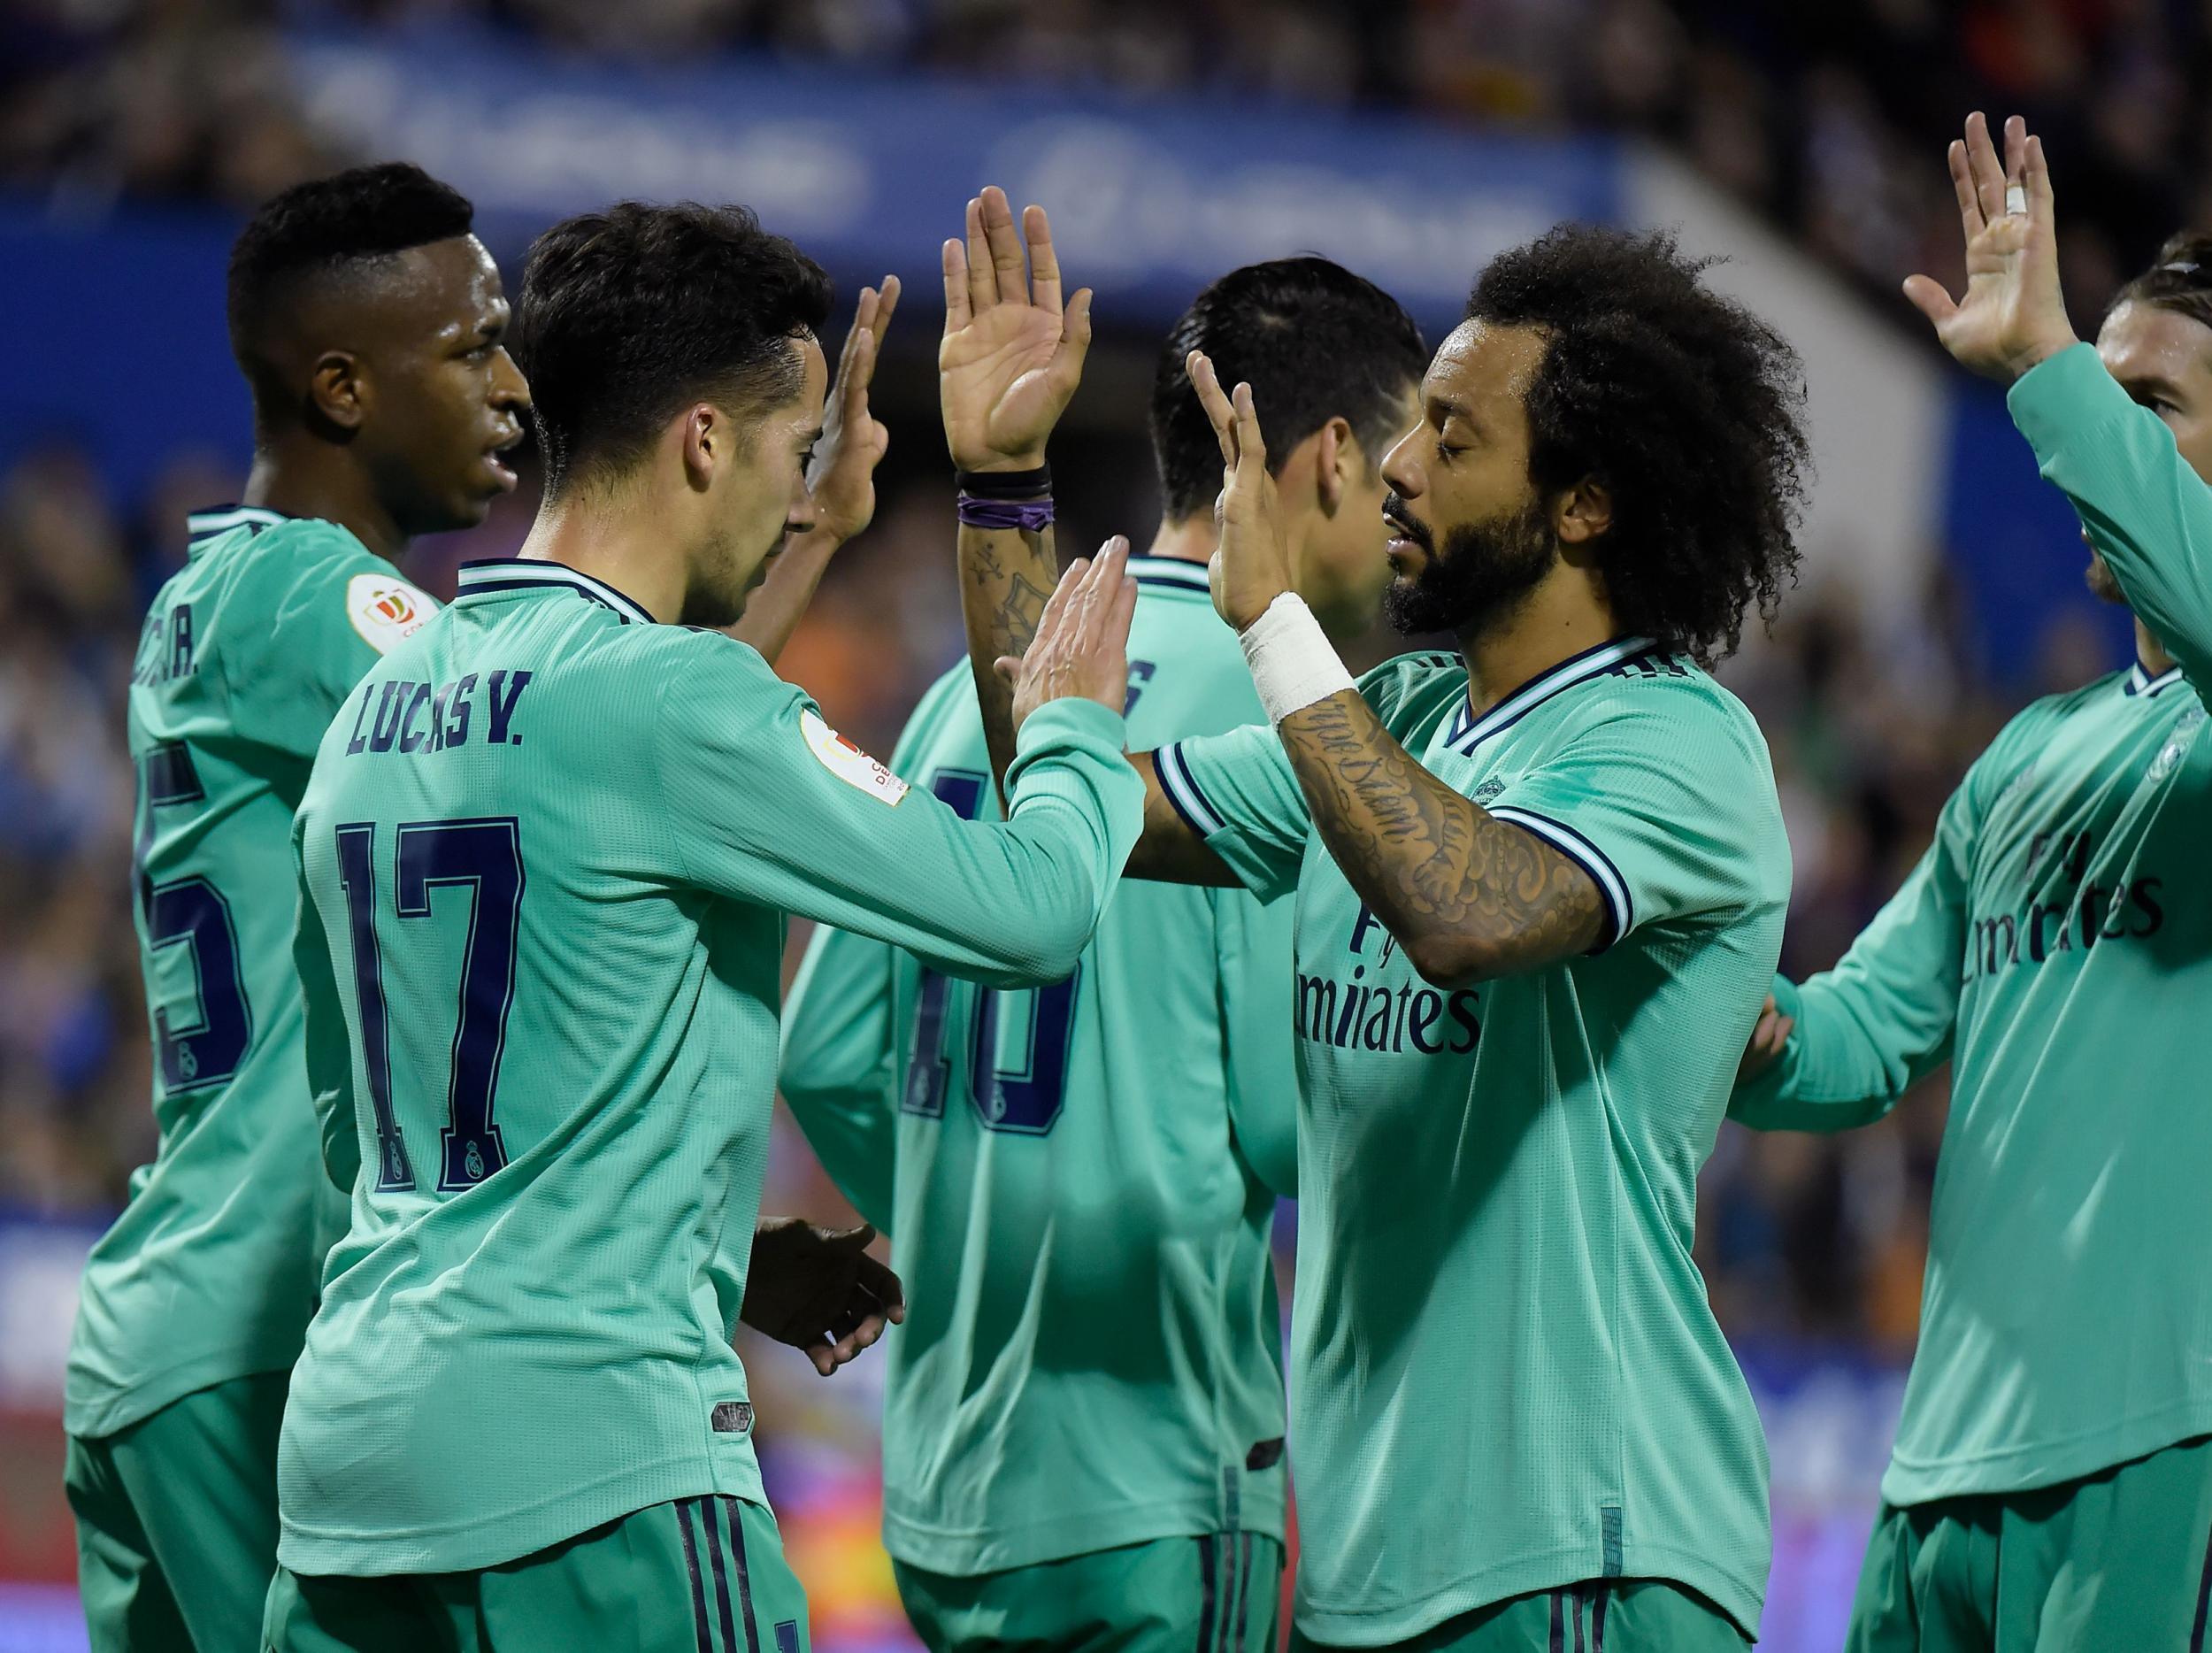 Real Madrid vs Atletico predicted line-ups: Team news ahead of La Liga fixture today